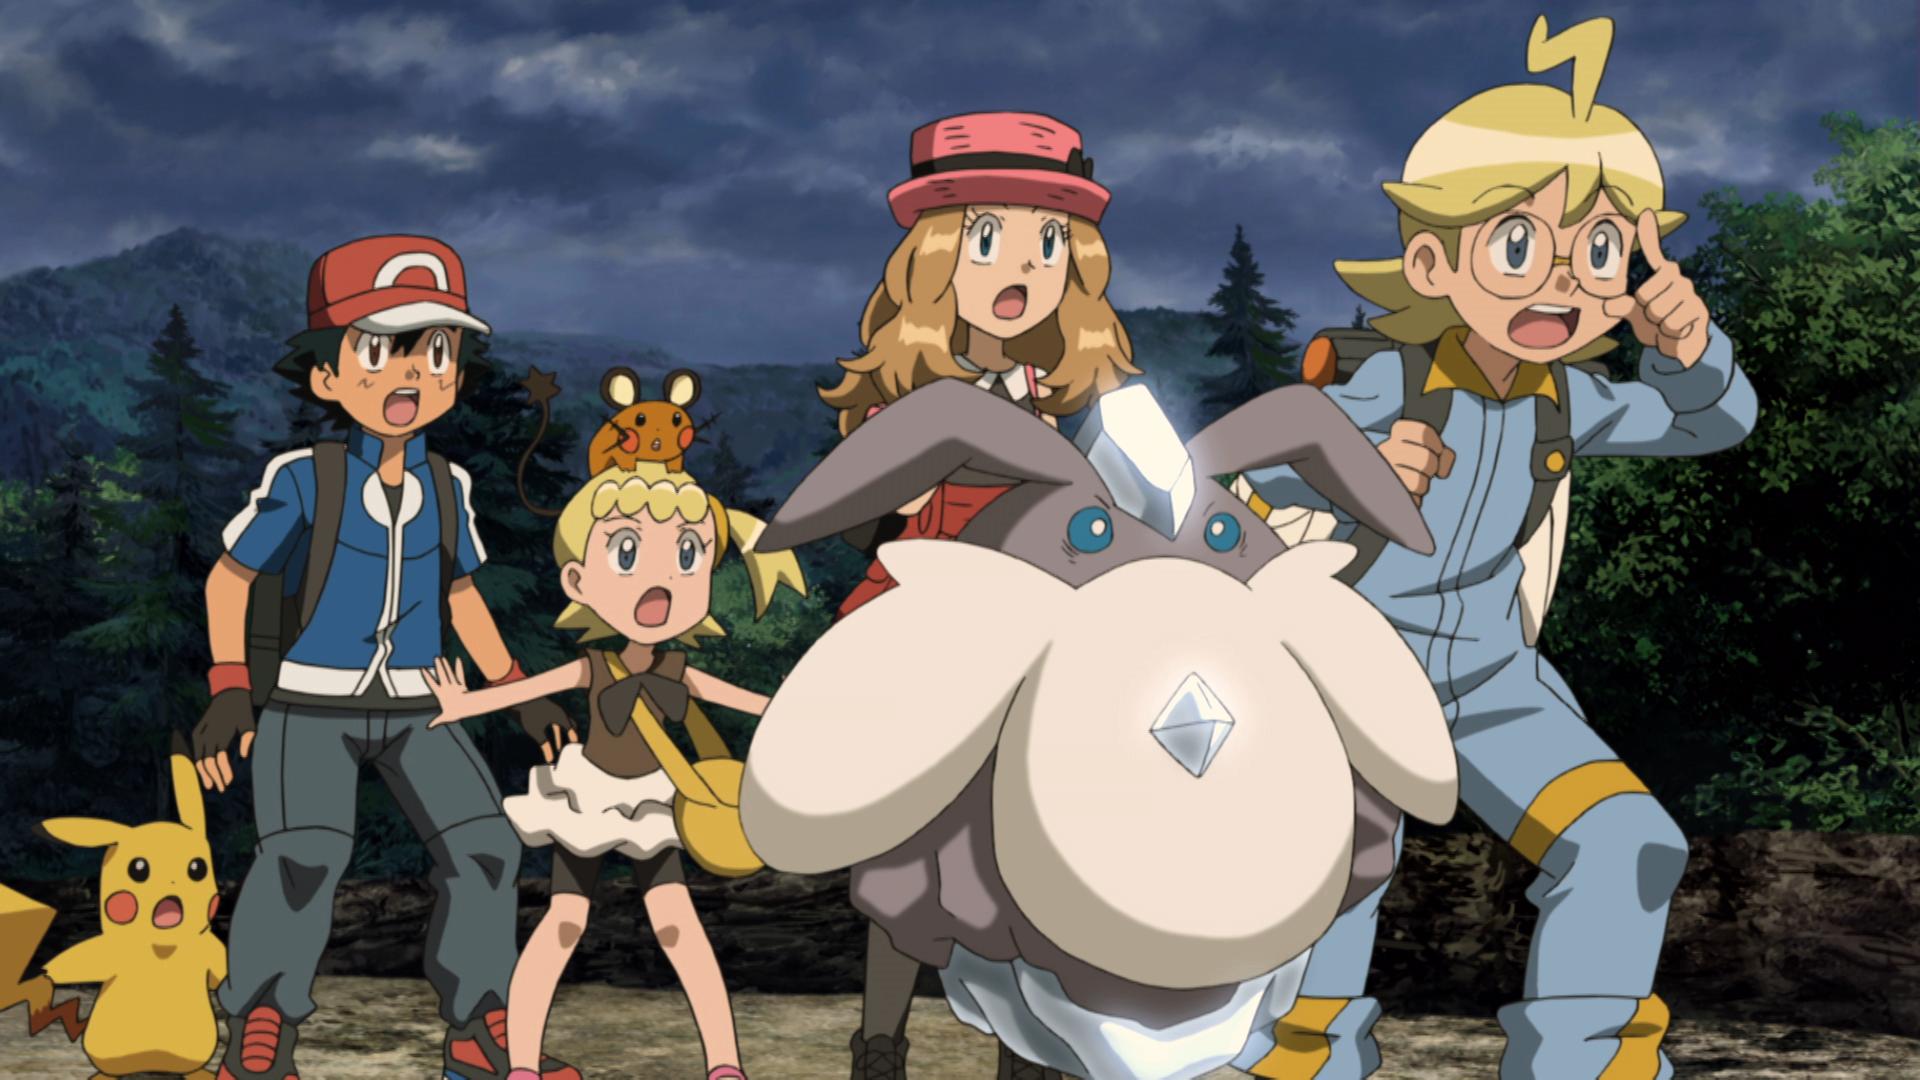 Pokémon Il Film - Diancie e il Bozzolo della Distruzione: una scena tratta dal film animato